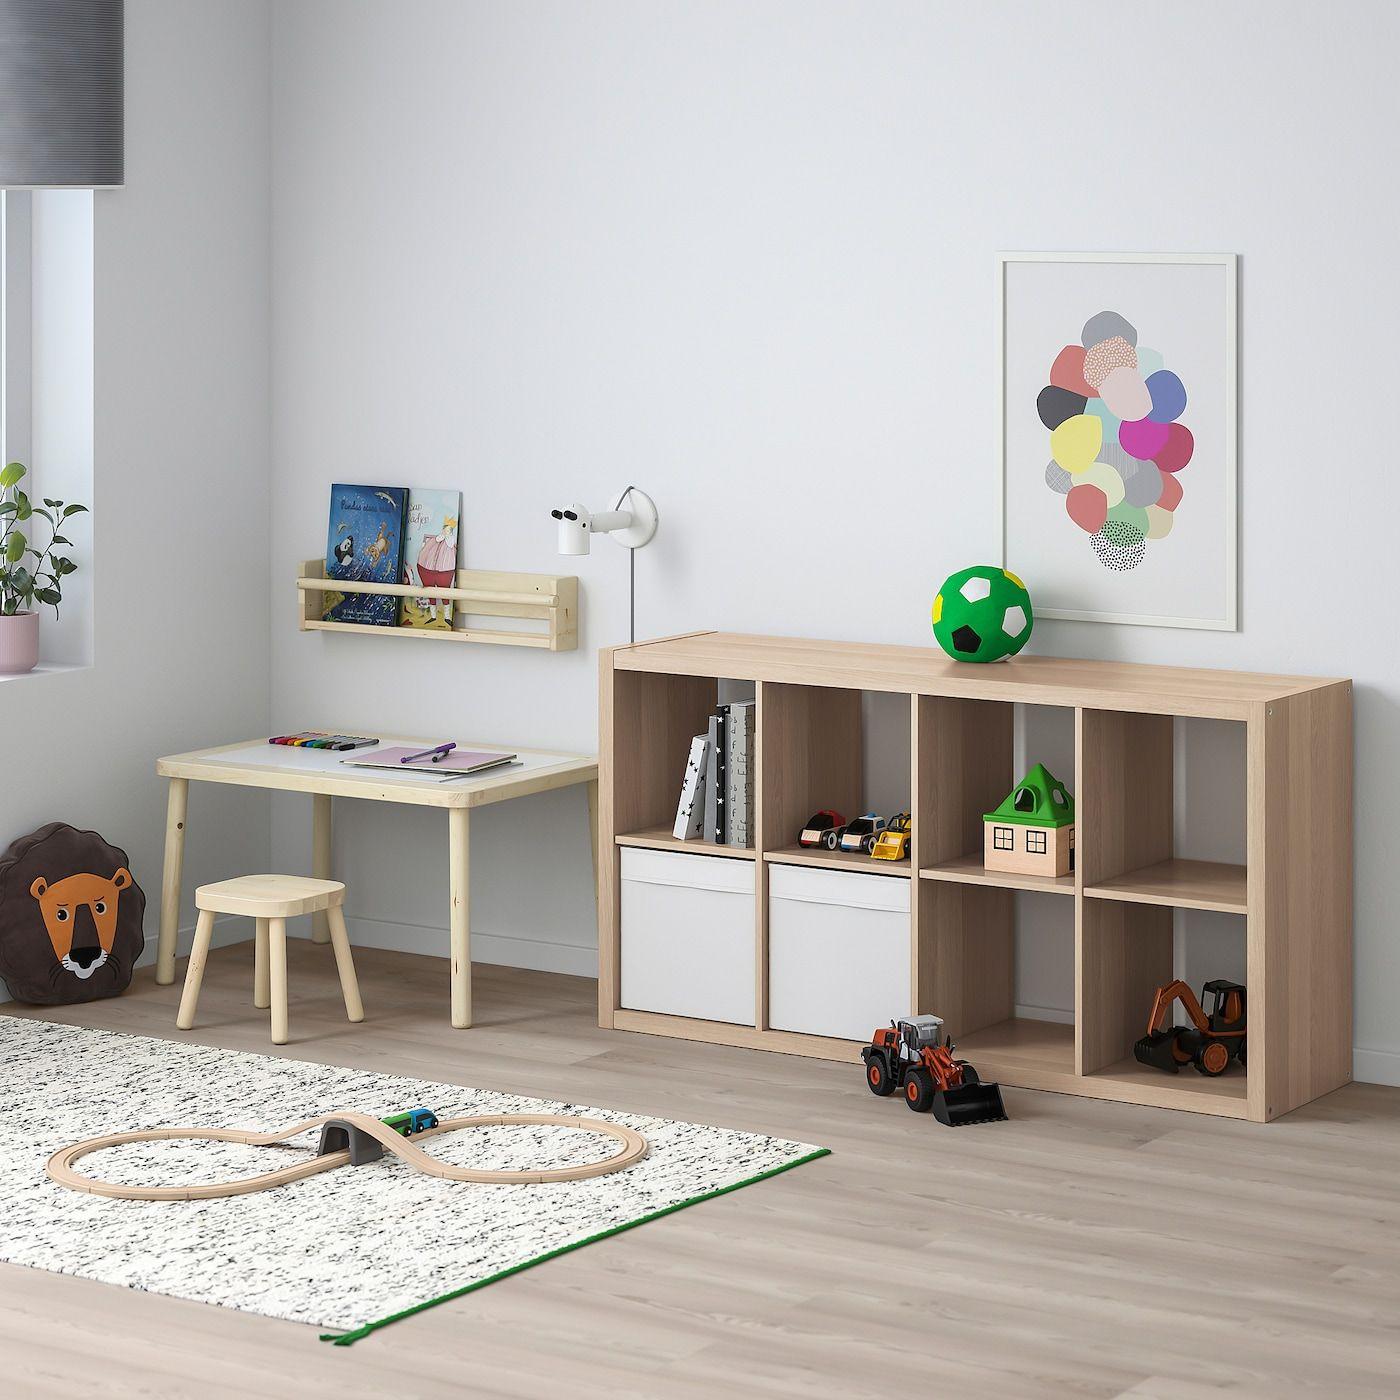 KALLAX Regal mit 10 Einsätzen Eicheneff wlas IKEA Österreich